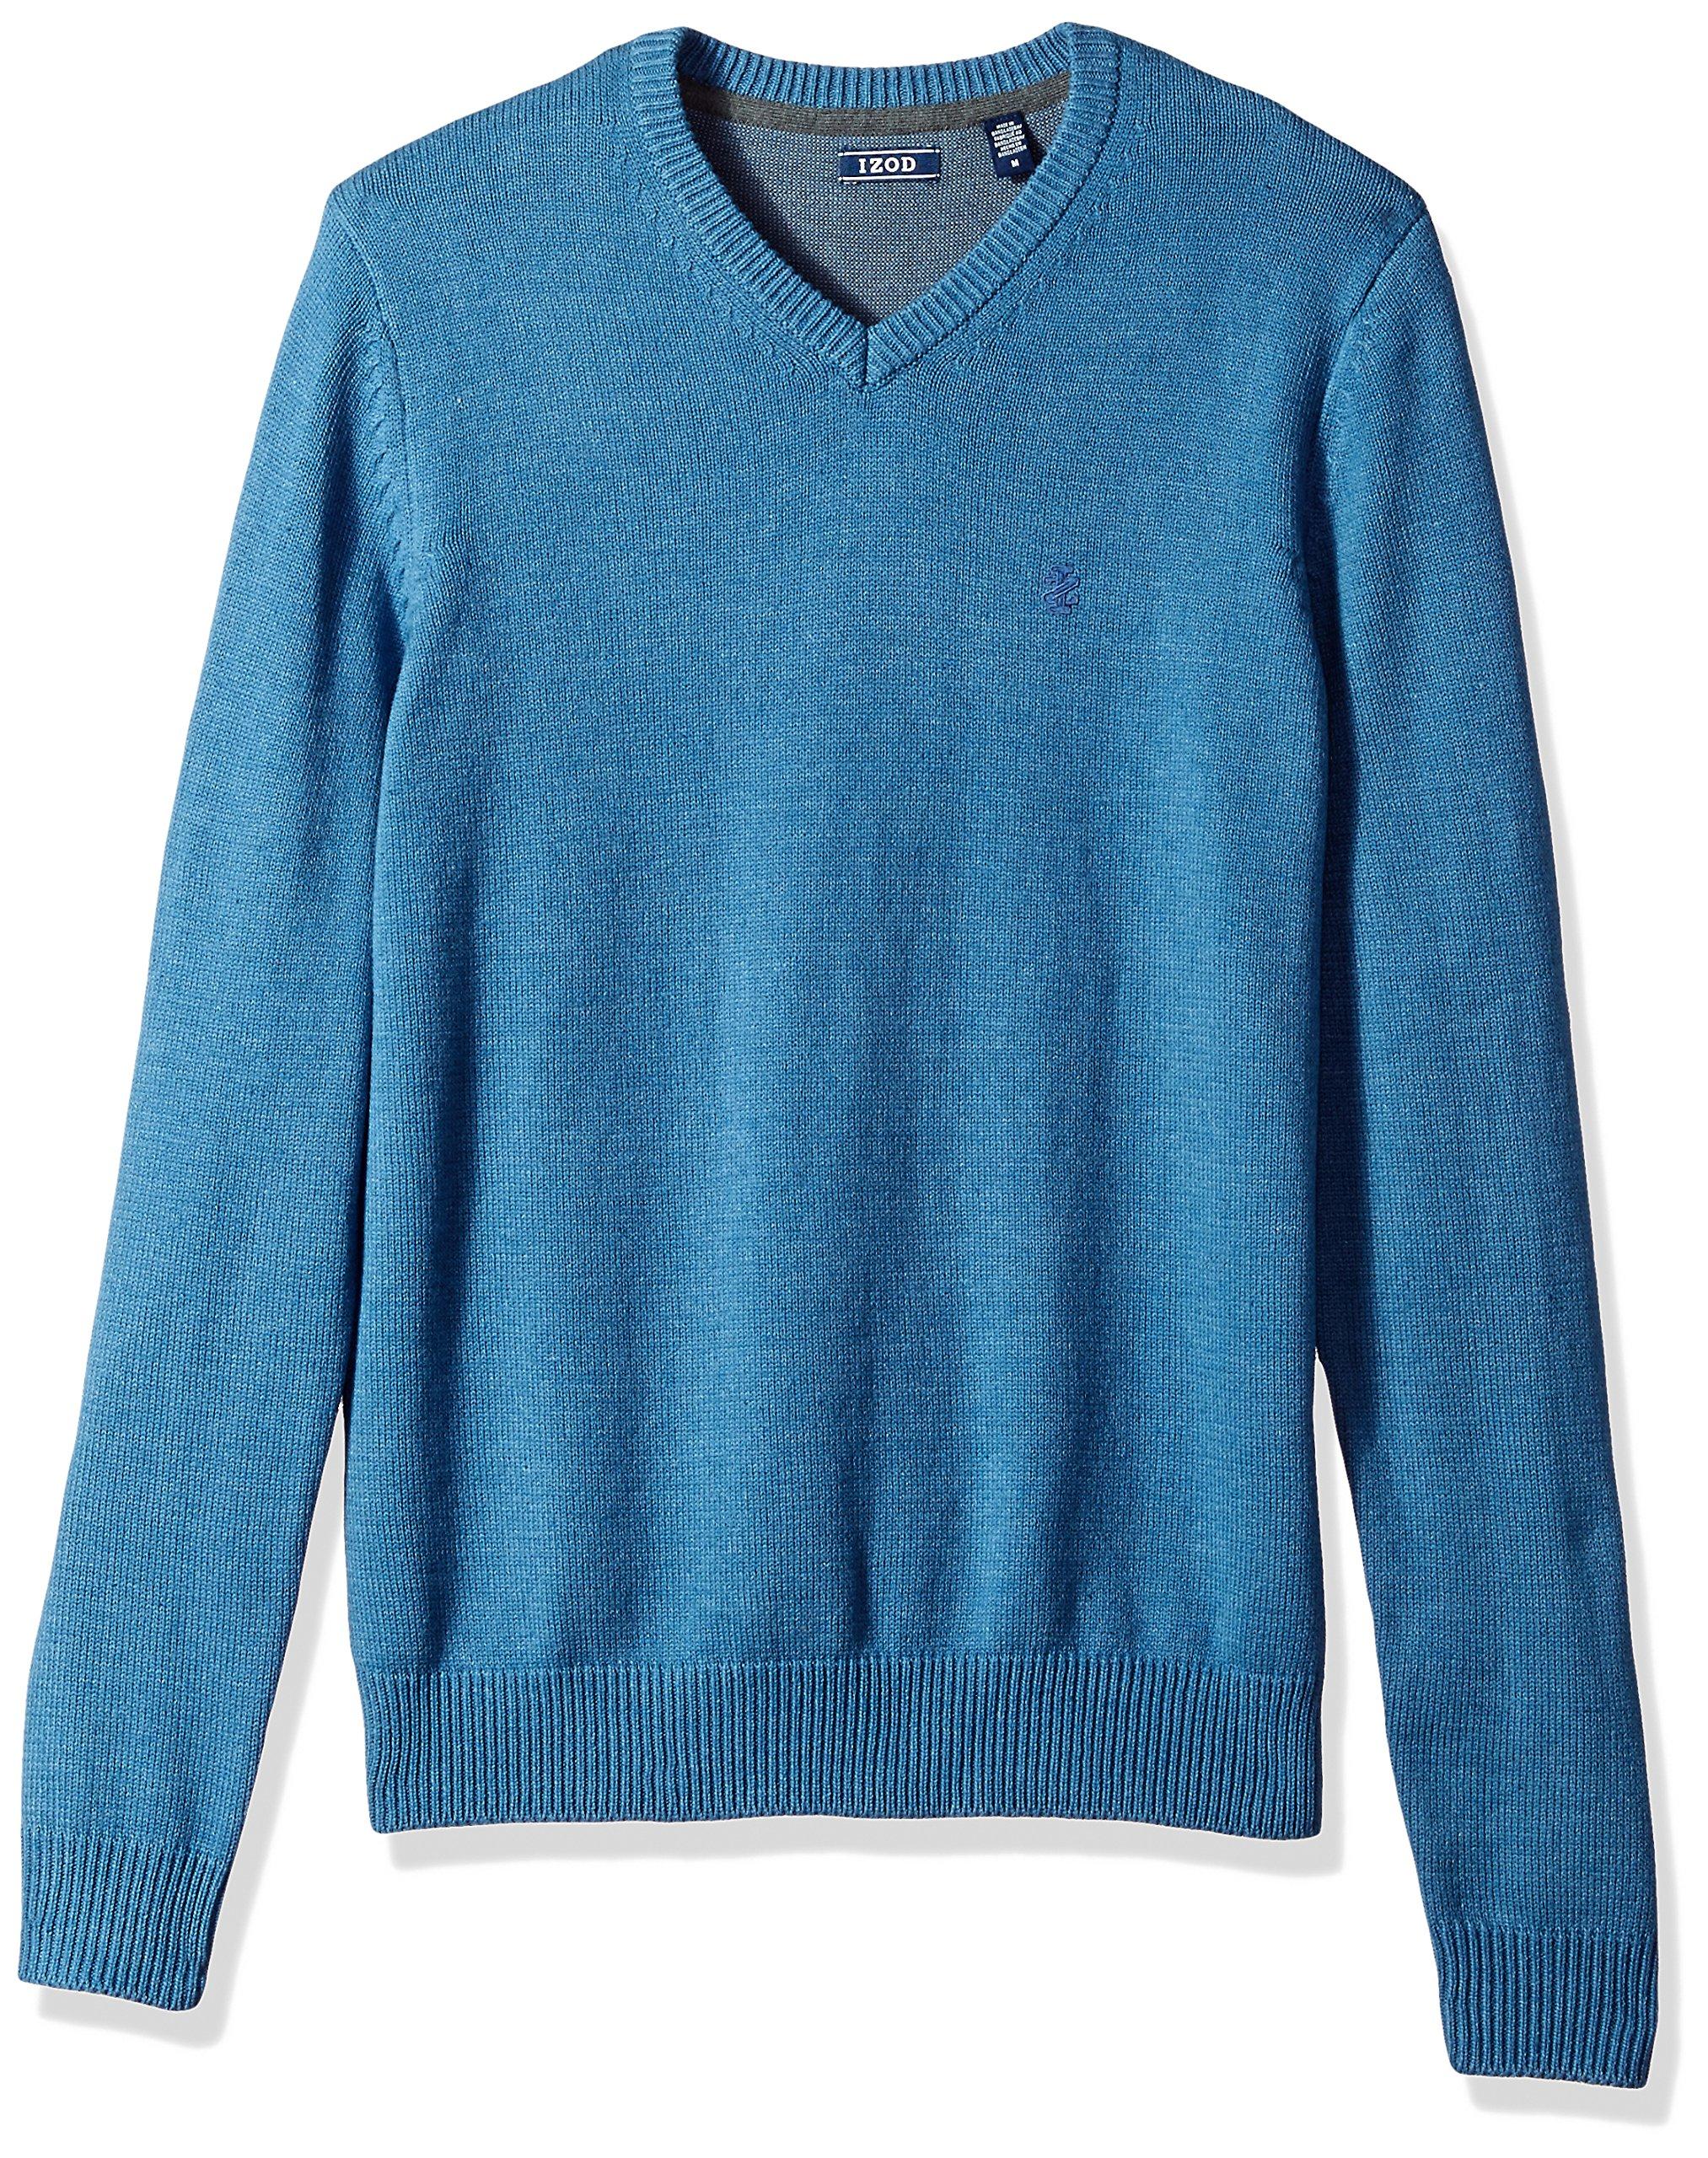 IZOD Men's Fine Gauge Solid V-Neck Sweater, Federal Blue, X-Large